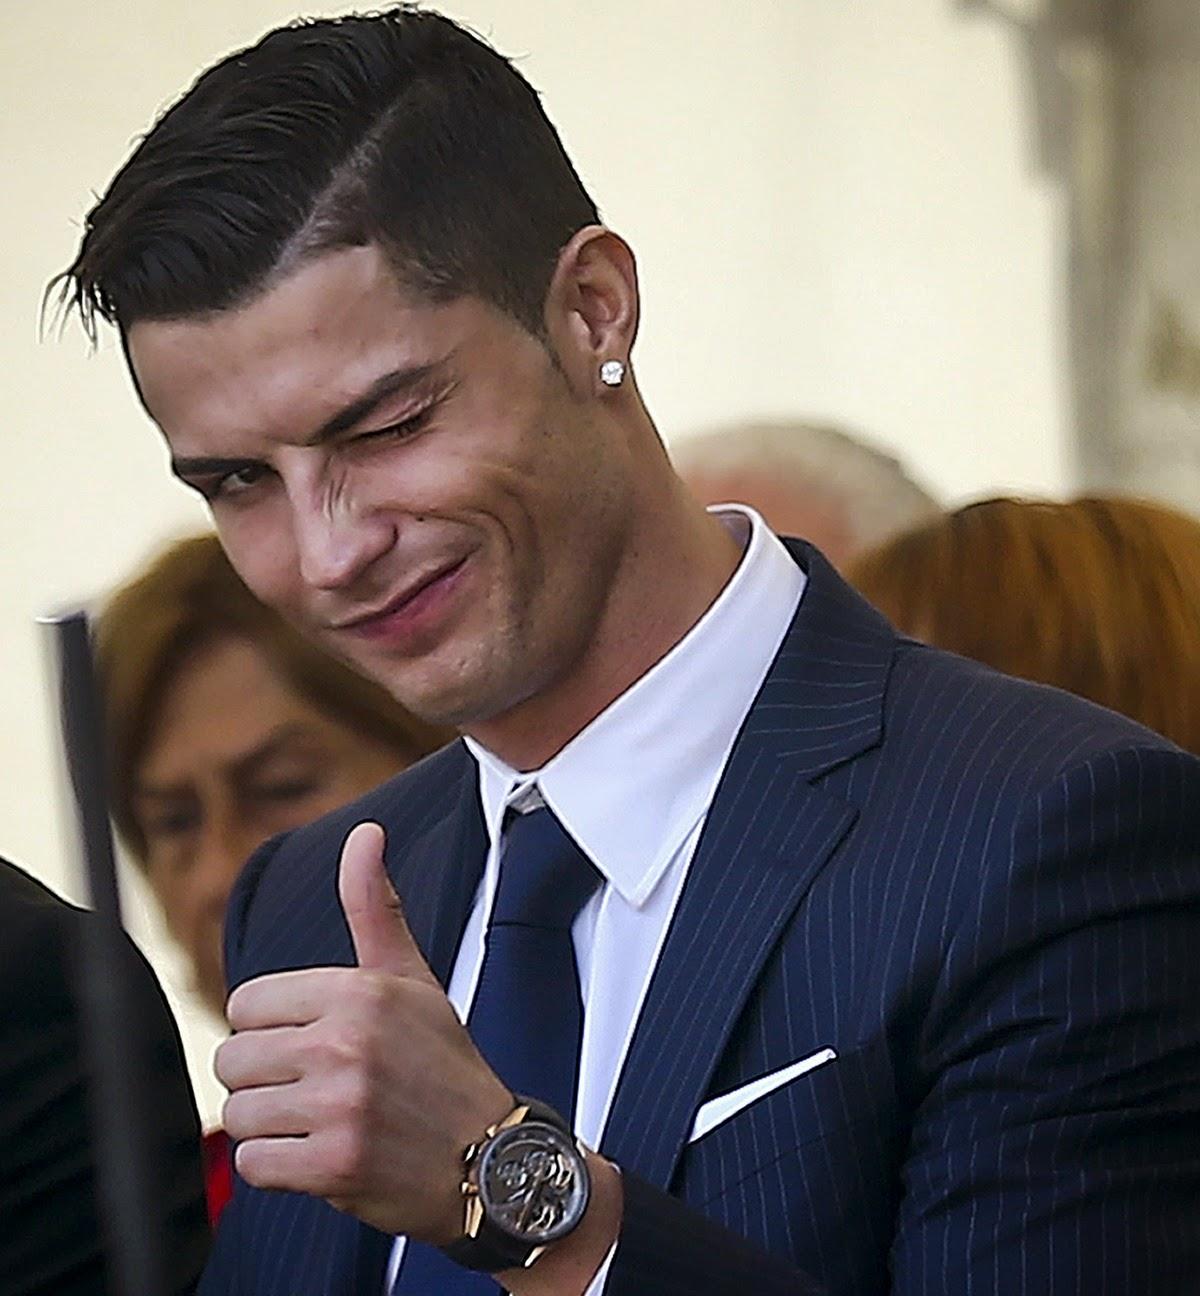 Gaya Rambut Pemain Sepak Bola Terkeren